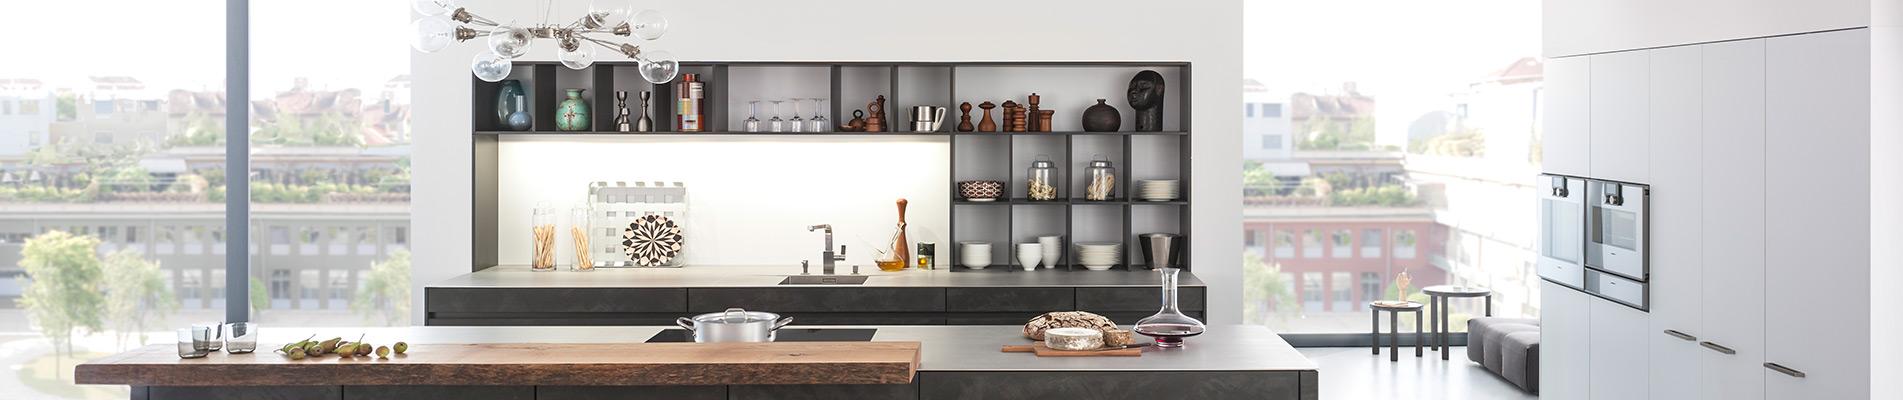 Helle, moderne Küche der Marke Leicht